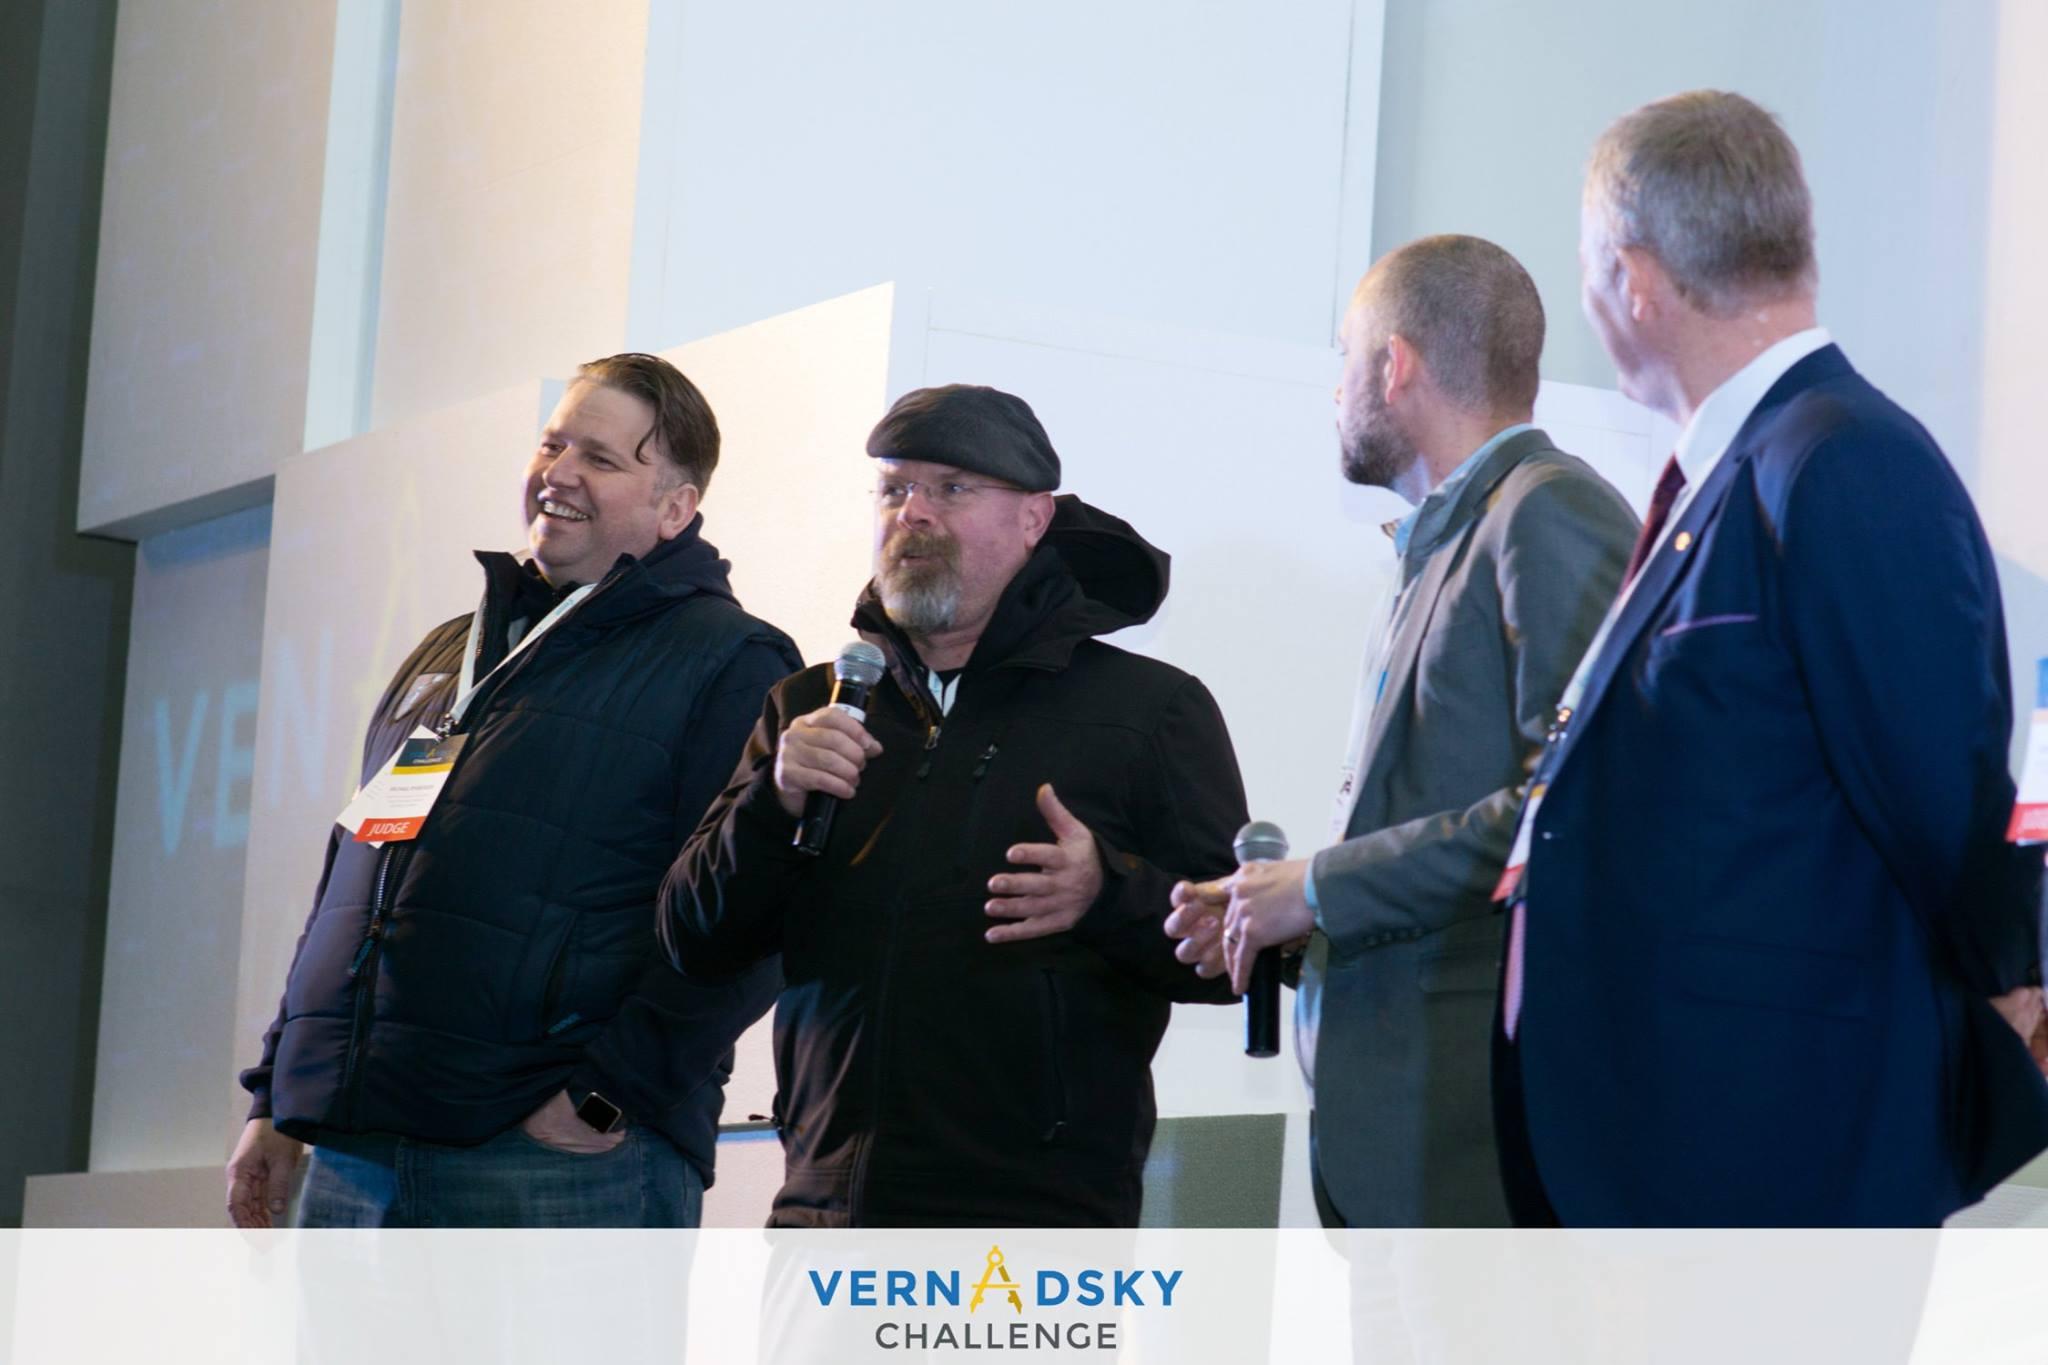 Vernadsky Challenge expert committee